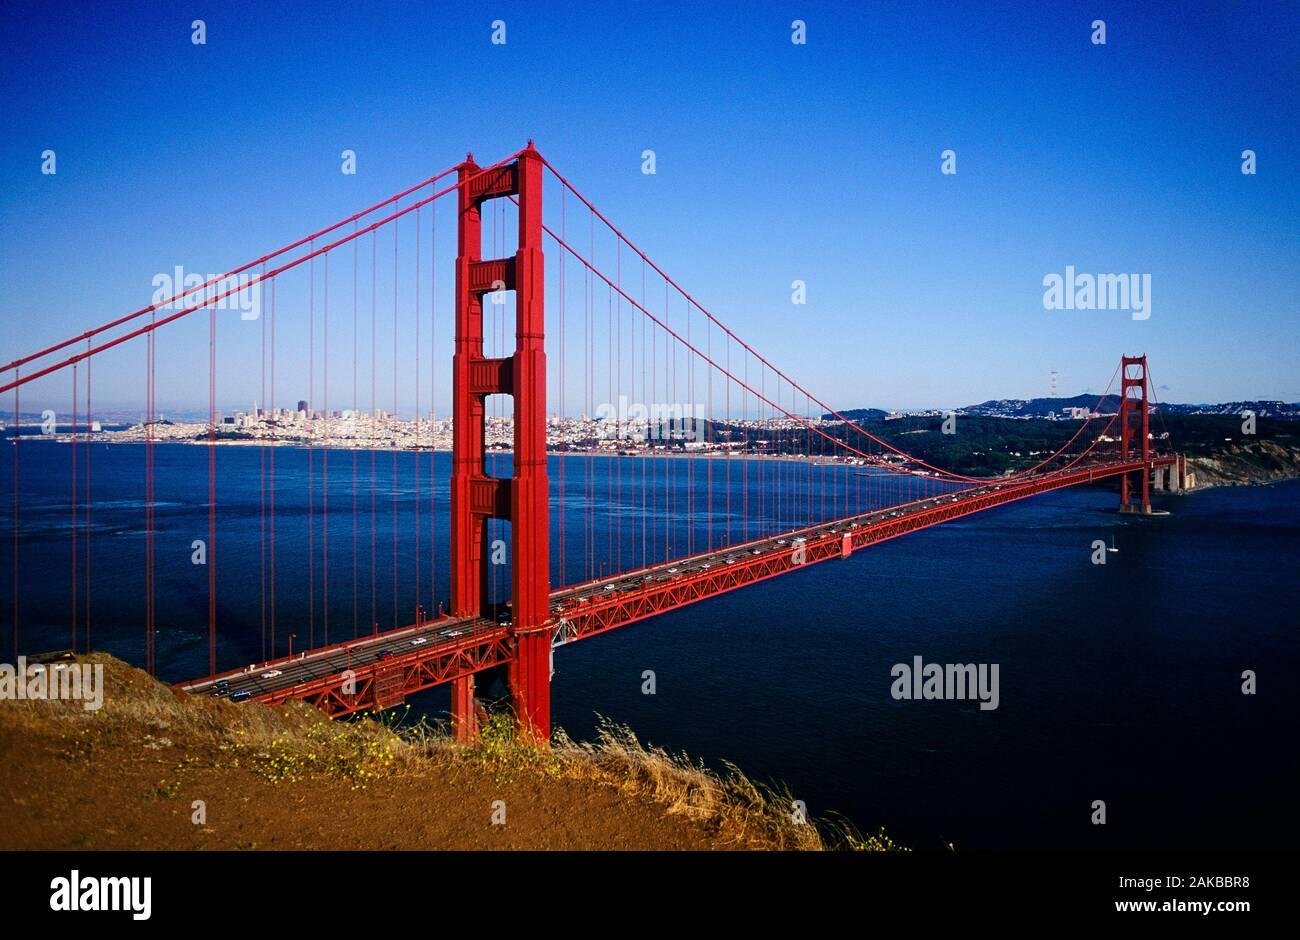 Célèbre rouge suspension bridge, Golden Gate Bridge, San Francisco, California, USA Banque D'Images